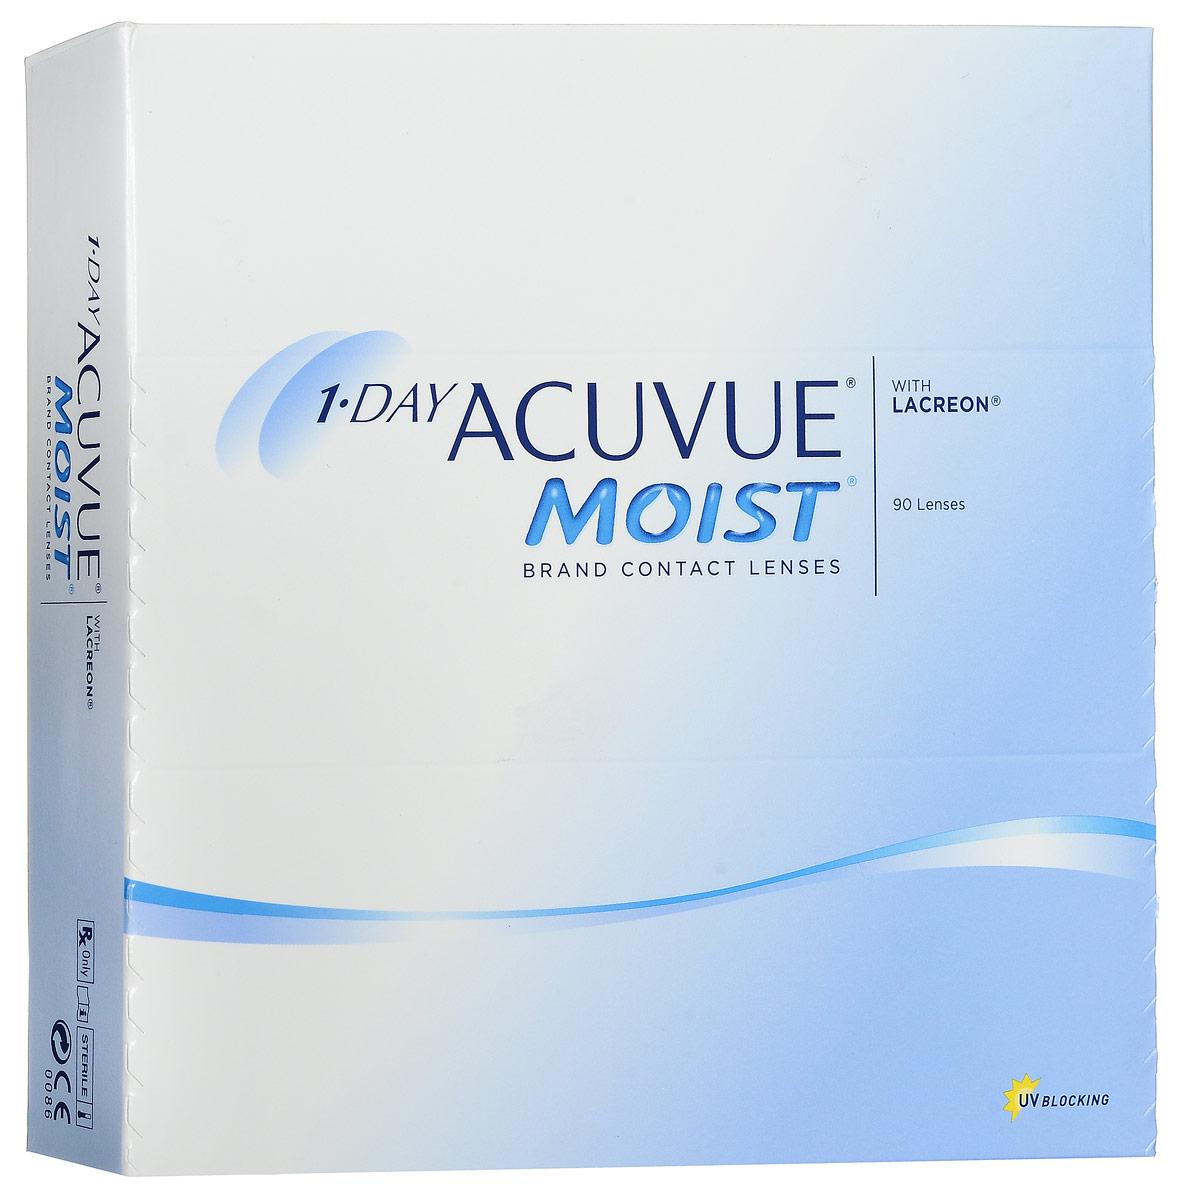 Johnson & Johnson контактные линзы 1-Day Acuvue Moist (90шт / 8.5 / -2.25)31746549Контактные линзы 1-Day Acuvue Moist для ежедневной замены от известной компании Johnson & Johnson Vision Care созданы для того, чтобы ваши глаза чувствовали себя увлажненными, а ощущение комфорта и свежести не покидало весь день. Уже исходя из названия (Moist) становится понятно, что при изготовлении линз используется дополнительный увлажнитель, благодаря которому влага удерживается внутри линзы даже в конце дня. Если ваши глаза подвергаются высоким нагрузкам в течение дня, то именно 1-Day Acuvue Moist подойдут вам лучше всего. Они обладают всеми преимуществами однодневных линз: не требуют дополнительных расходов по уходу, комфортны в ношении и так же, как и 1-Day Acuvue, снабжены солнечным фильтром. Характеристики:Материал: этафилкон А. Кривизна: 8.5. Оптическая сила: - 2.25. Содержание воды: 58%. Диаметр: 14,2 мм. Количество линз: 90 шт. Размер упаковки: 15,5 см х 15,5 см х 3,2 см. Производитель: Ирландия. Товар сертифицирован.Контактные линзы или очки: советы офтальмологов. Статья OZON Гид